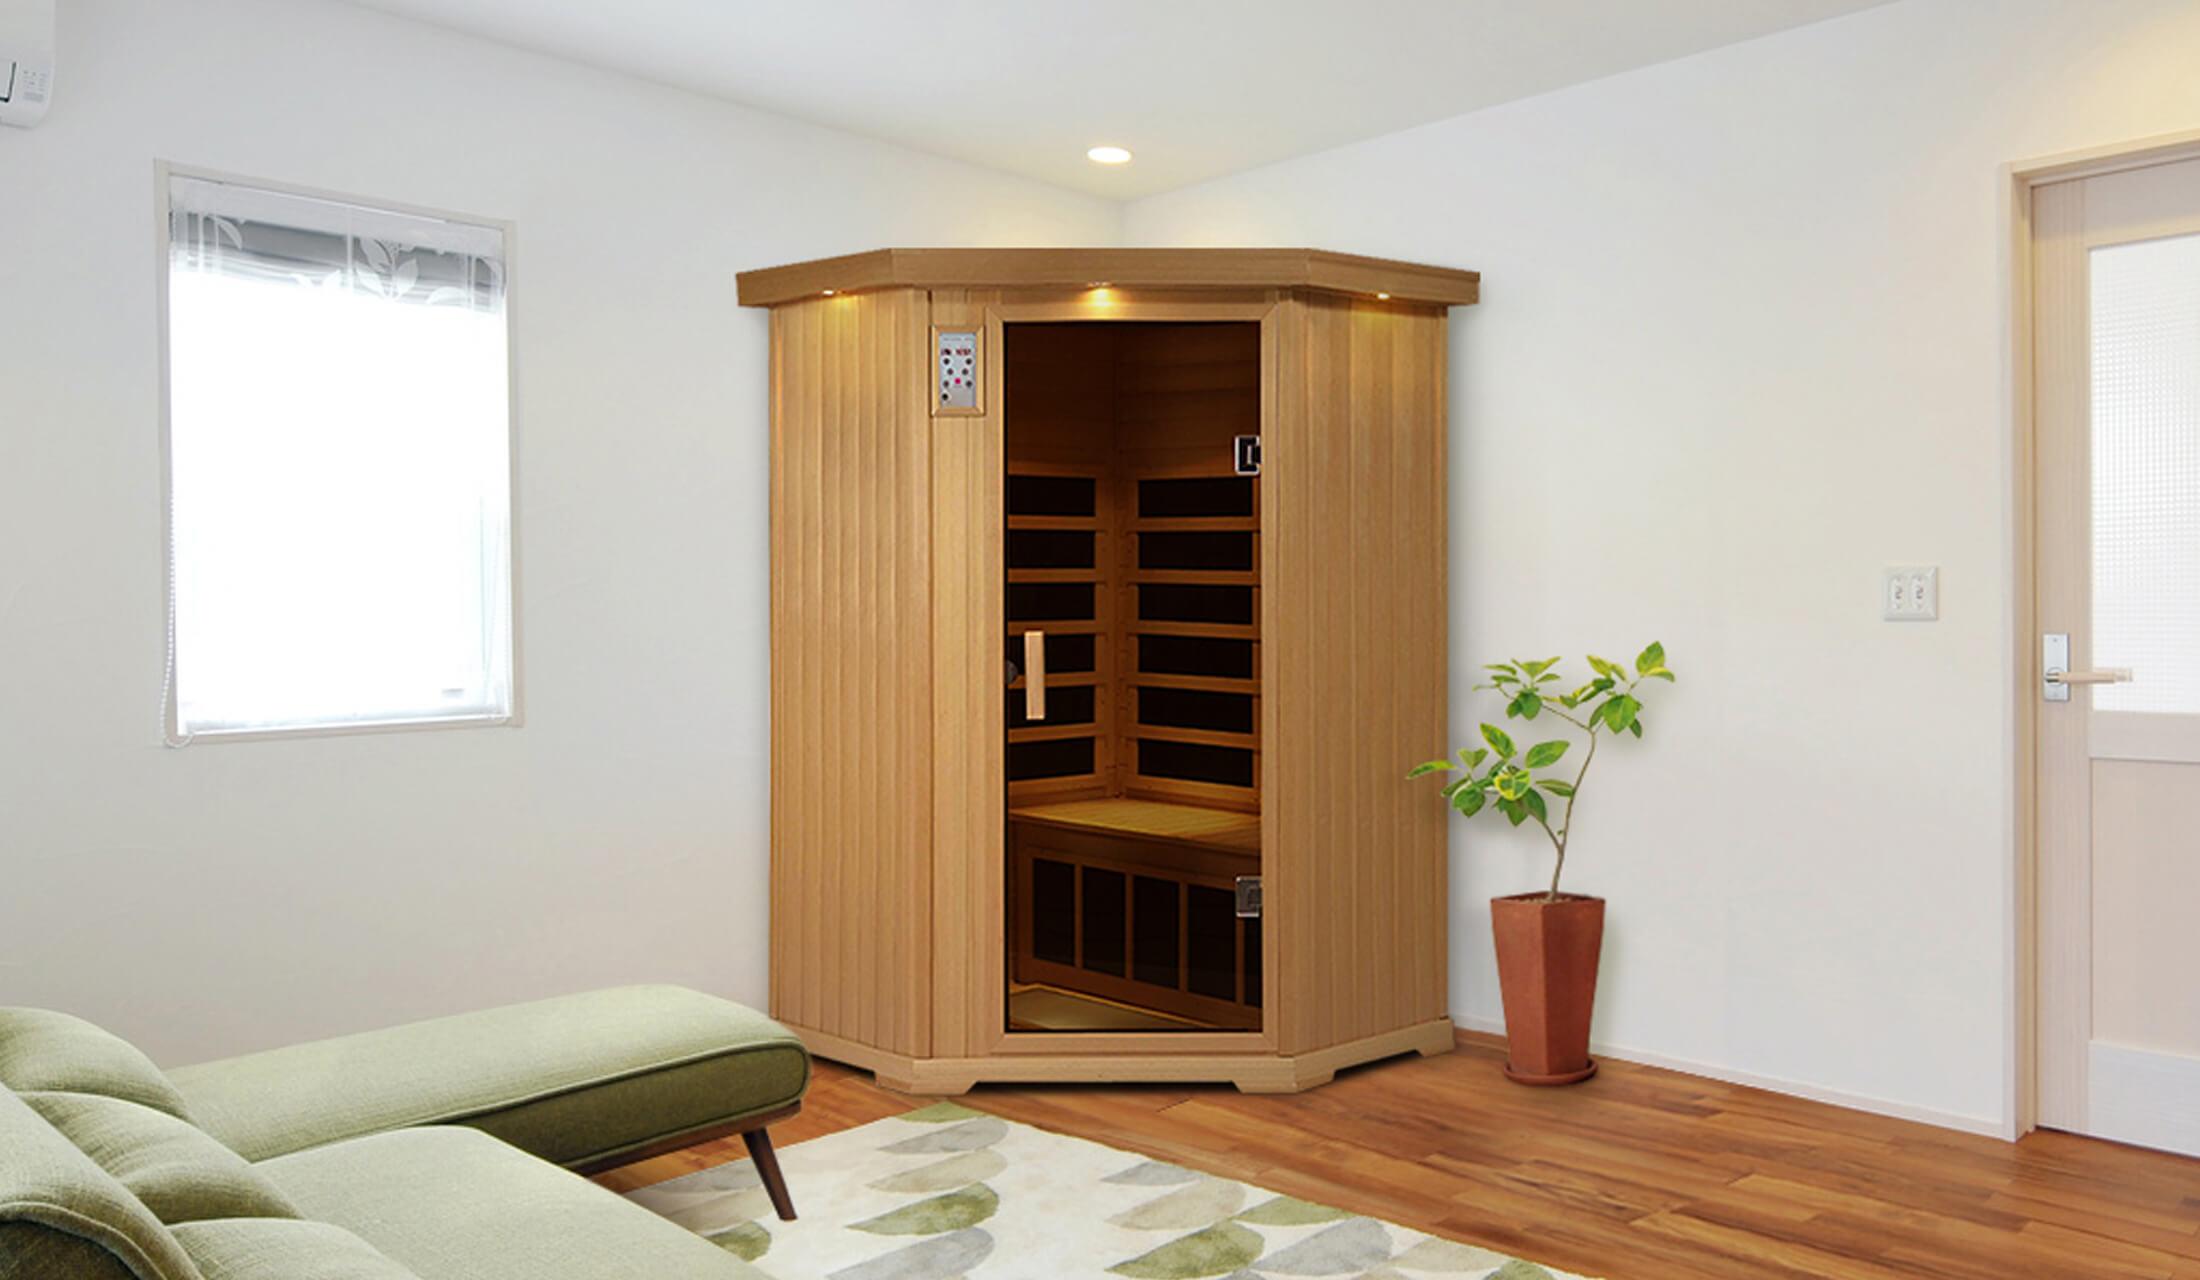 ソファが置かれたリビングに設置された個室タイプのホームサウナ